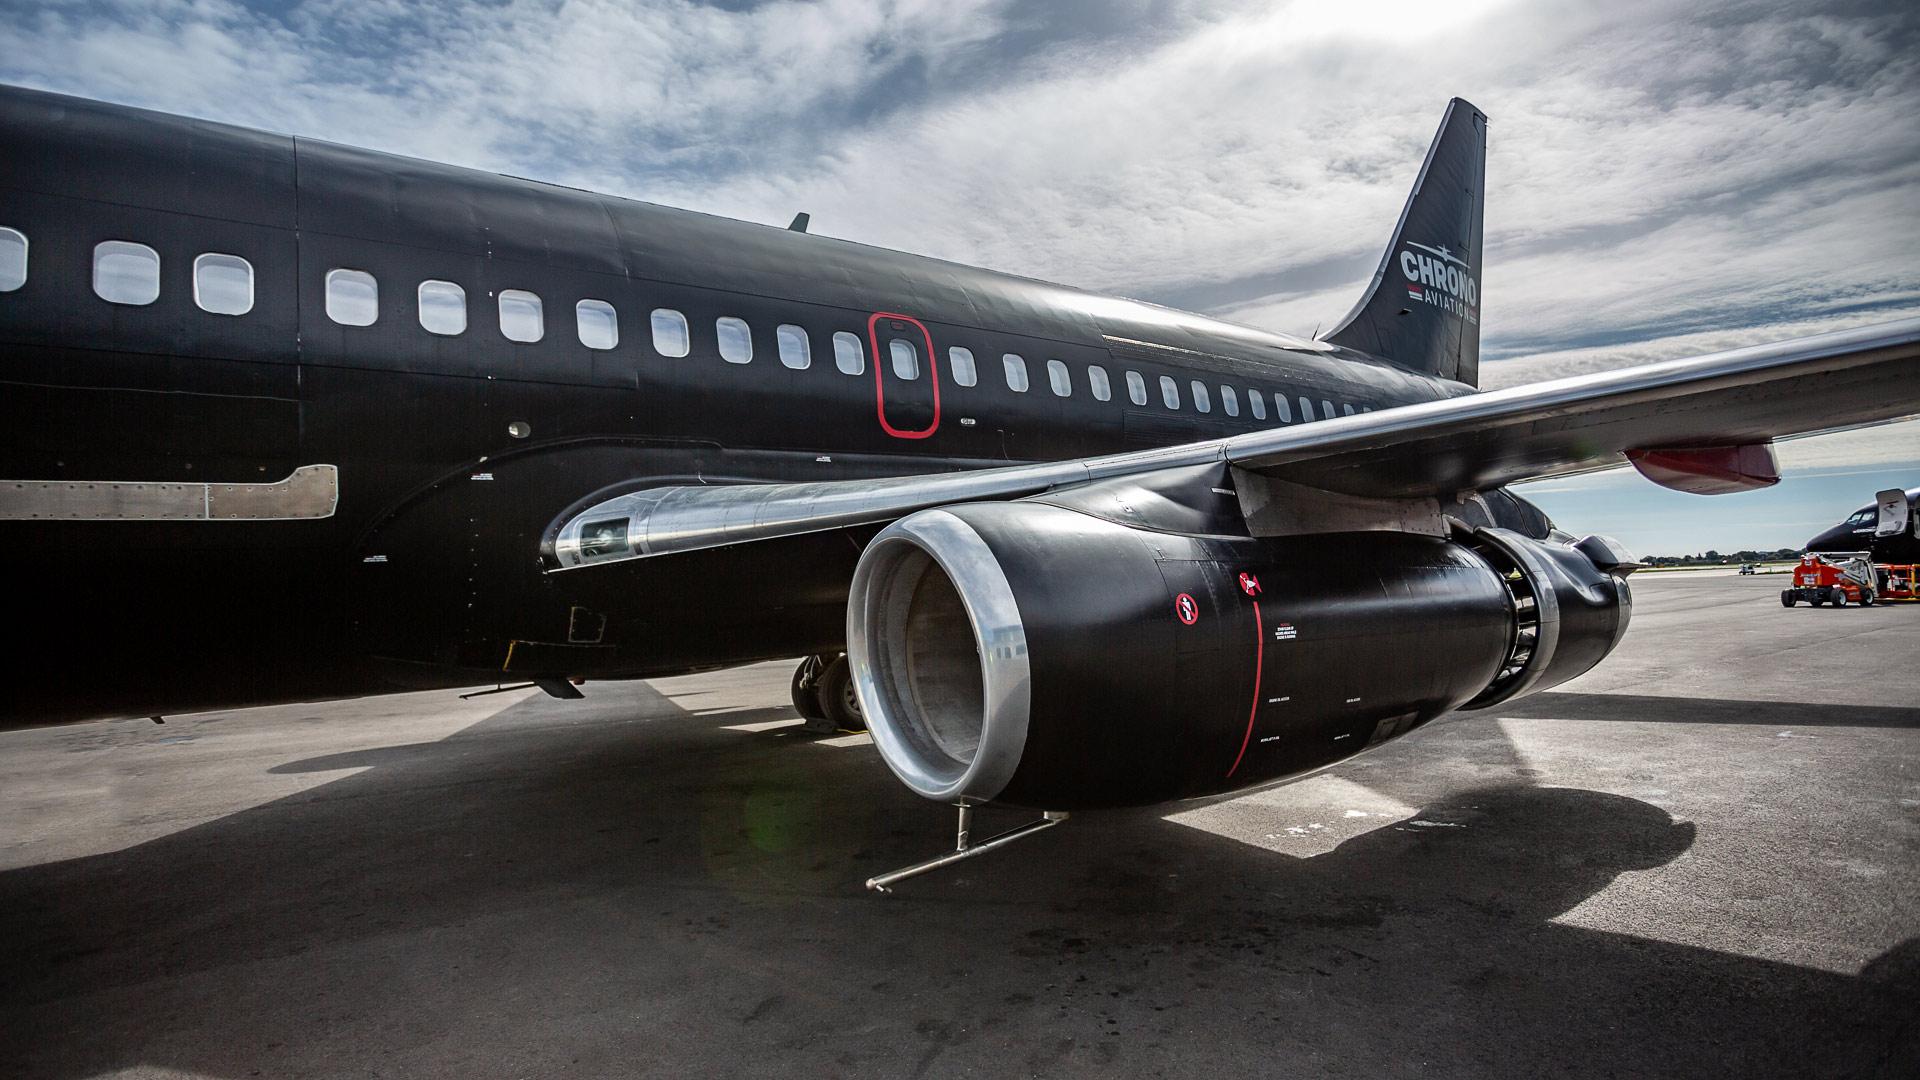 Identité visuelle   Gros plan sur un moteur de Boeing 737   Chrono Aviation